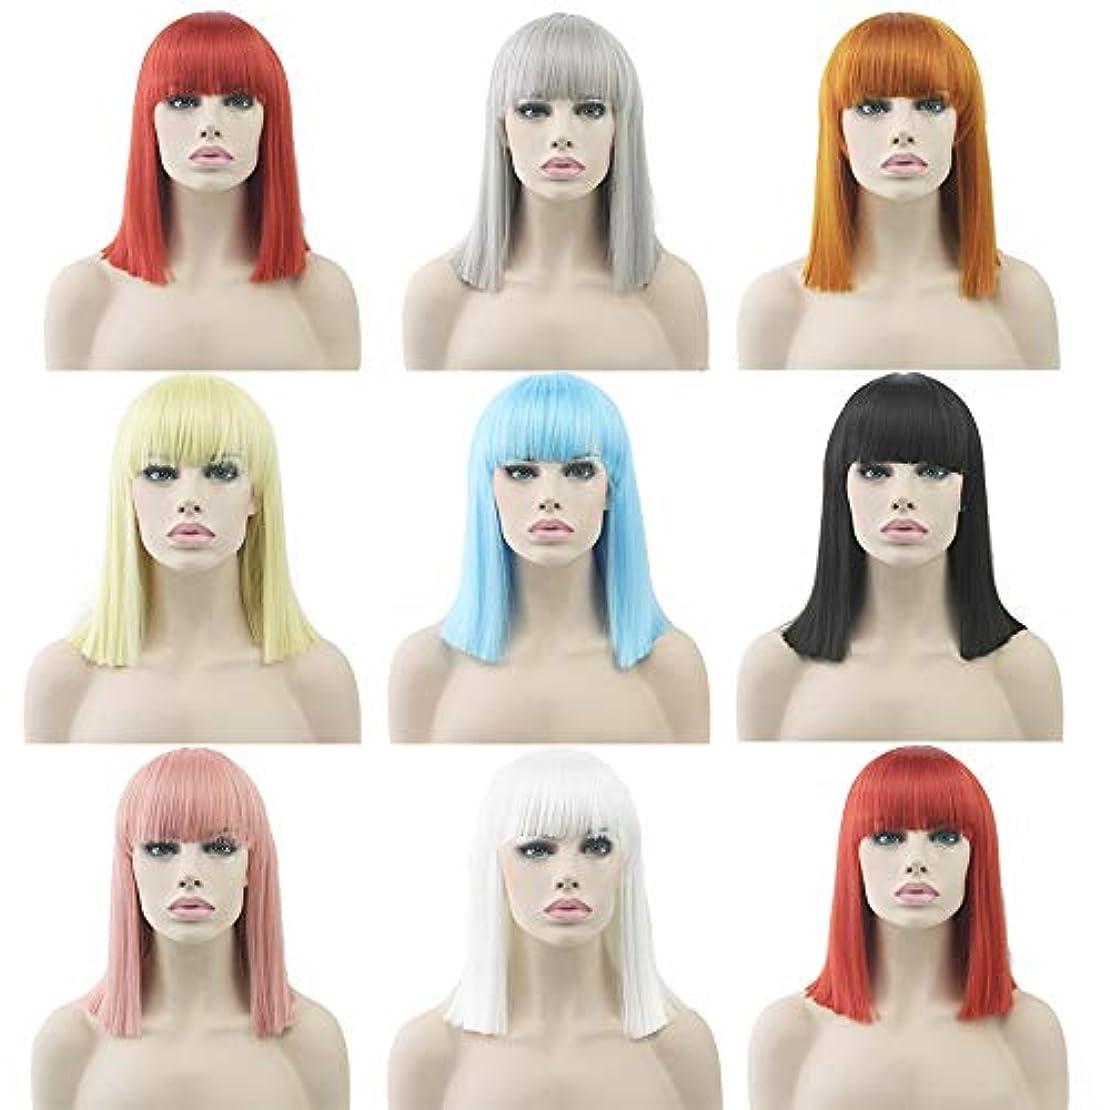 コンサルタント趣味について女性のショートナチュラルストレートヘアウィッグフラット前髪14インチ人工毛交換ウィッグハロウィンコスプレ衣装アニメパーティーウィッグ (Color : 青)